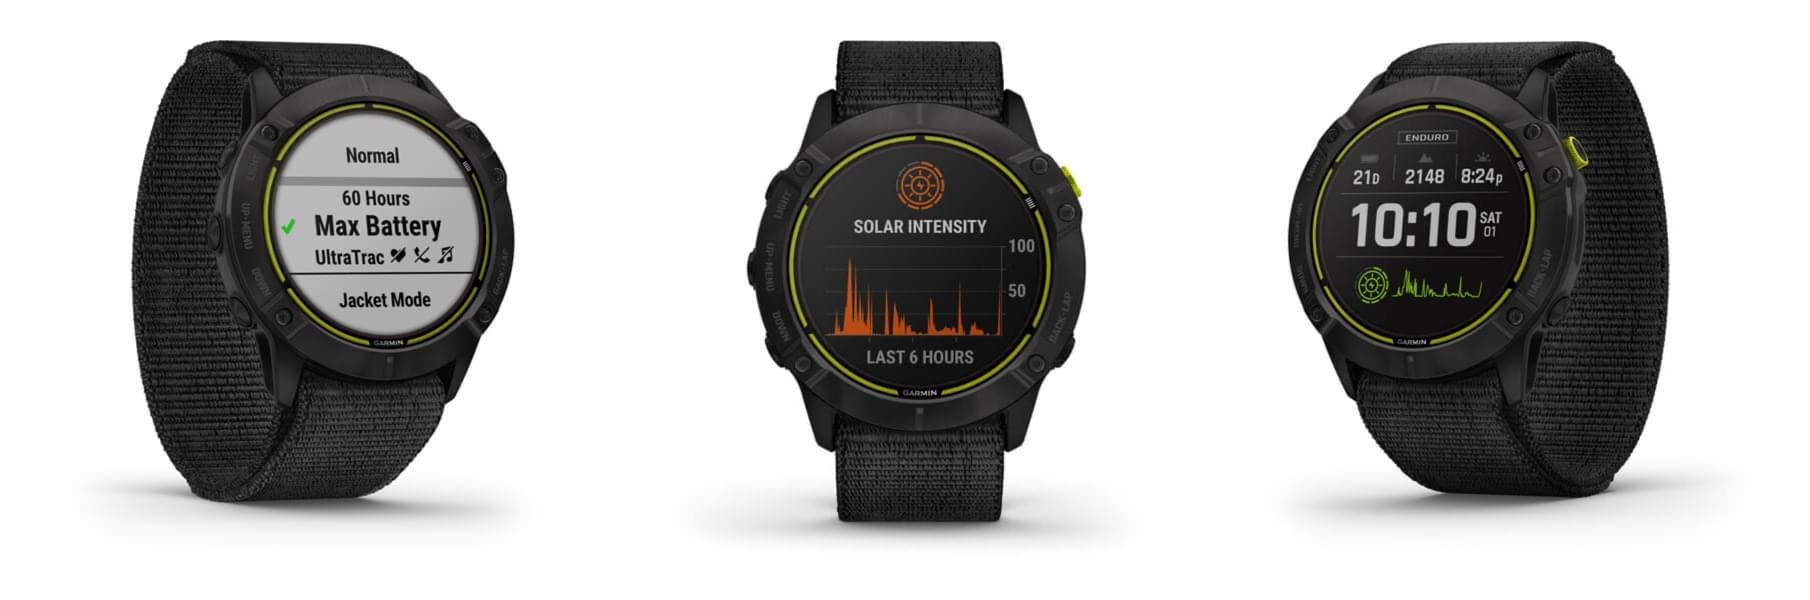 Garmin Enduro: Smartwatch für Sportler kostet ab 800 Euro - Caschys Blog